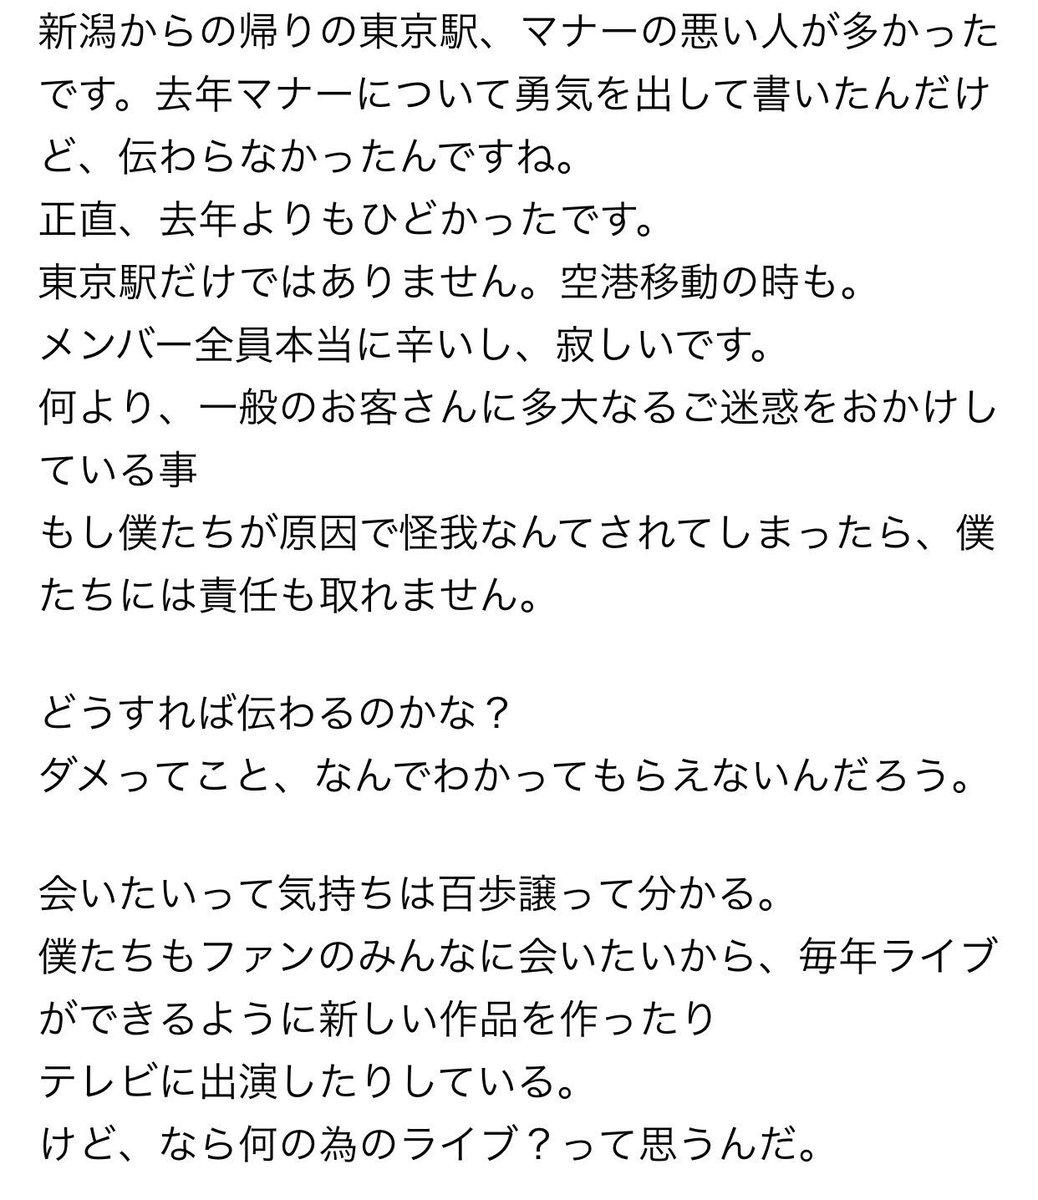 【ひかぺ】JUMP・八乙女光がファンのマナーにブチ切れ!? 「改善されないならライブの開催考え直す」